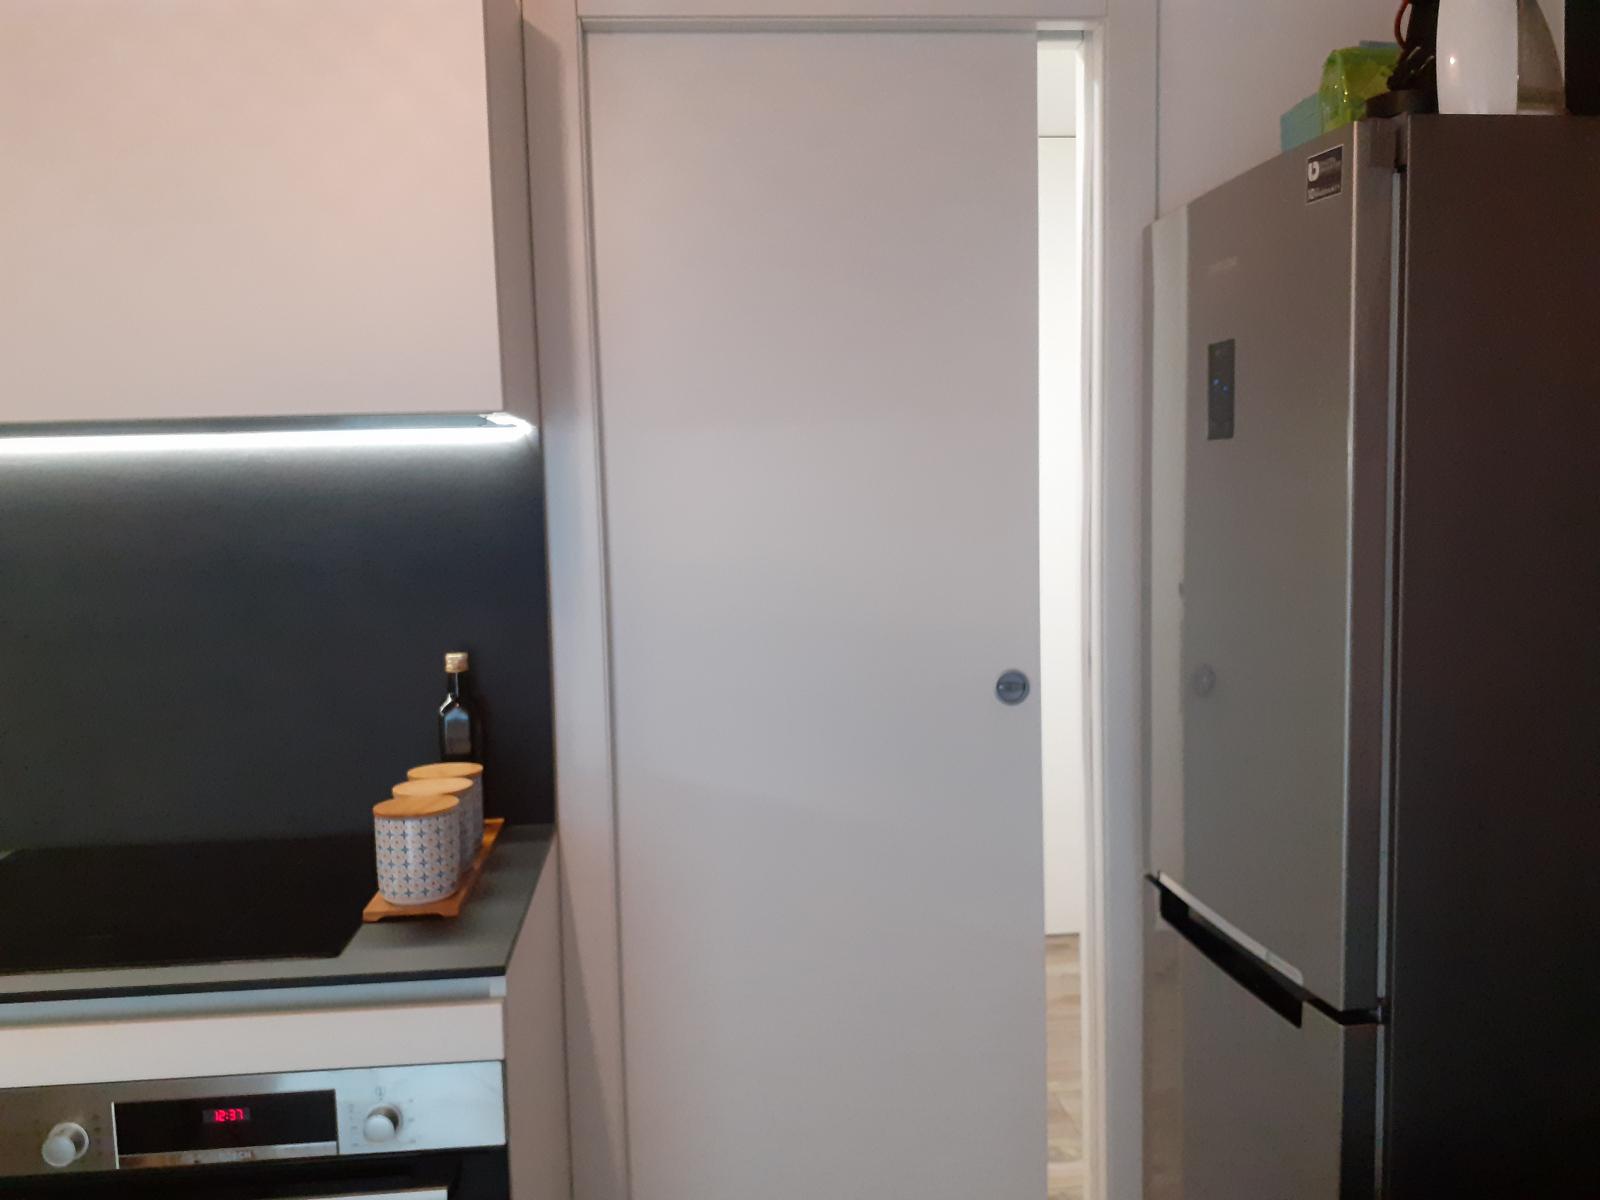 appartamento-open-space-milano-via-broggini-baggio-spaziourbano-immobiliare-vende-5